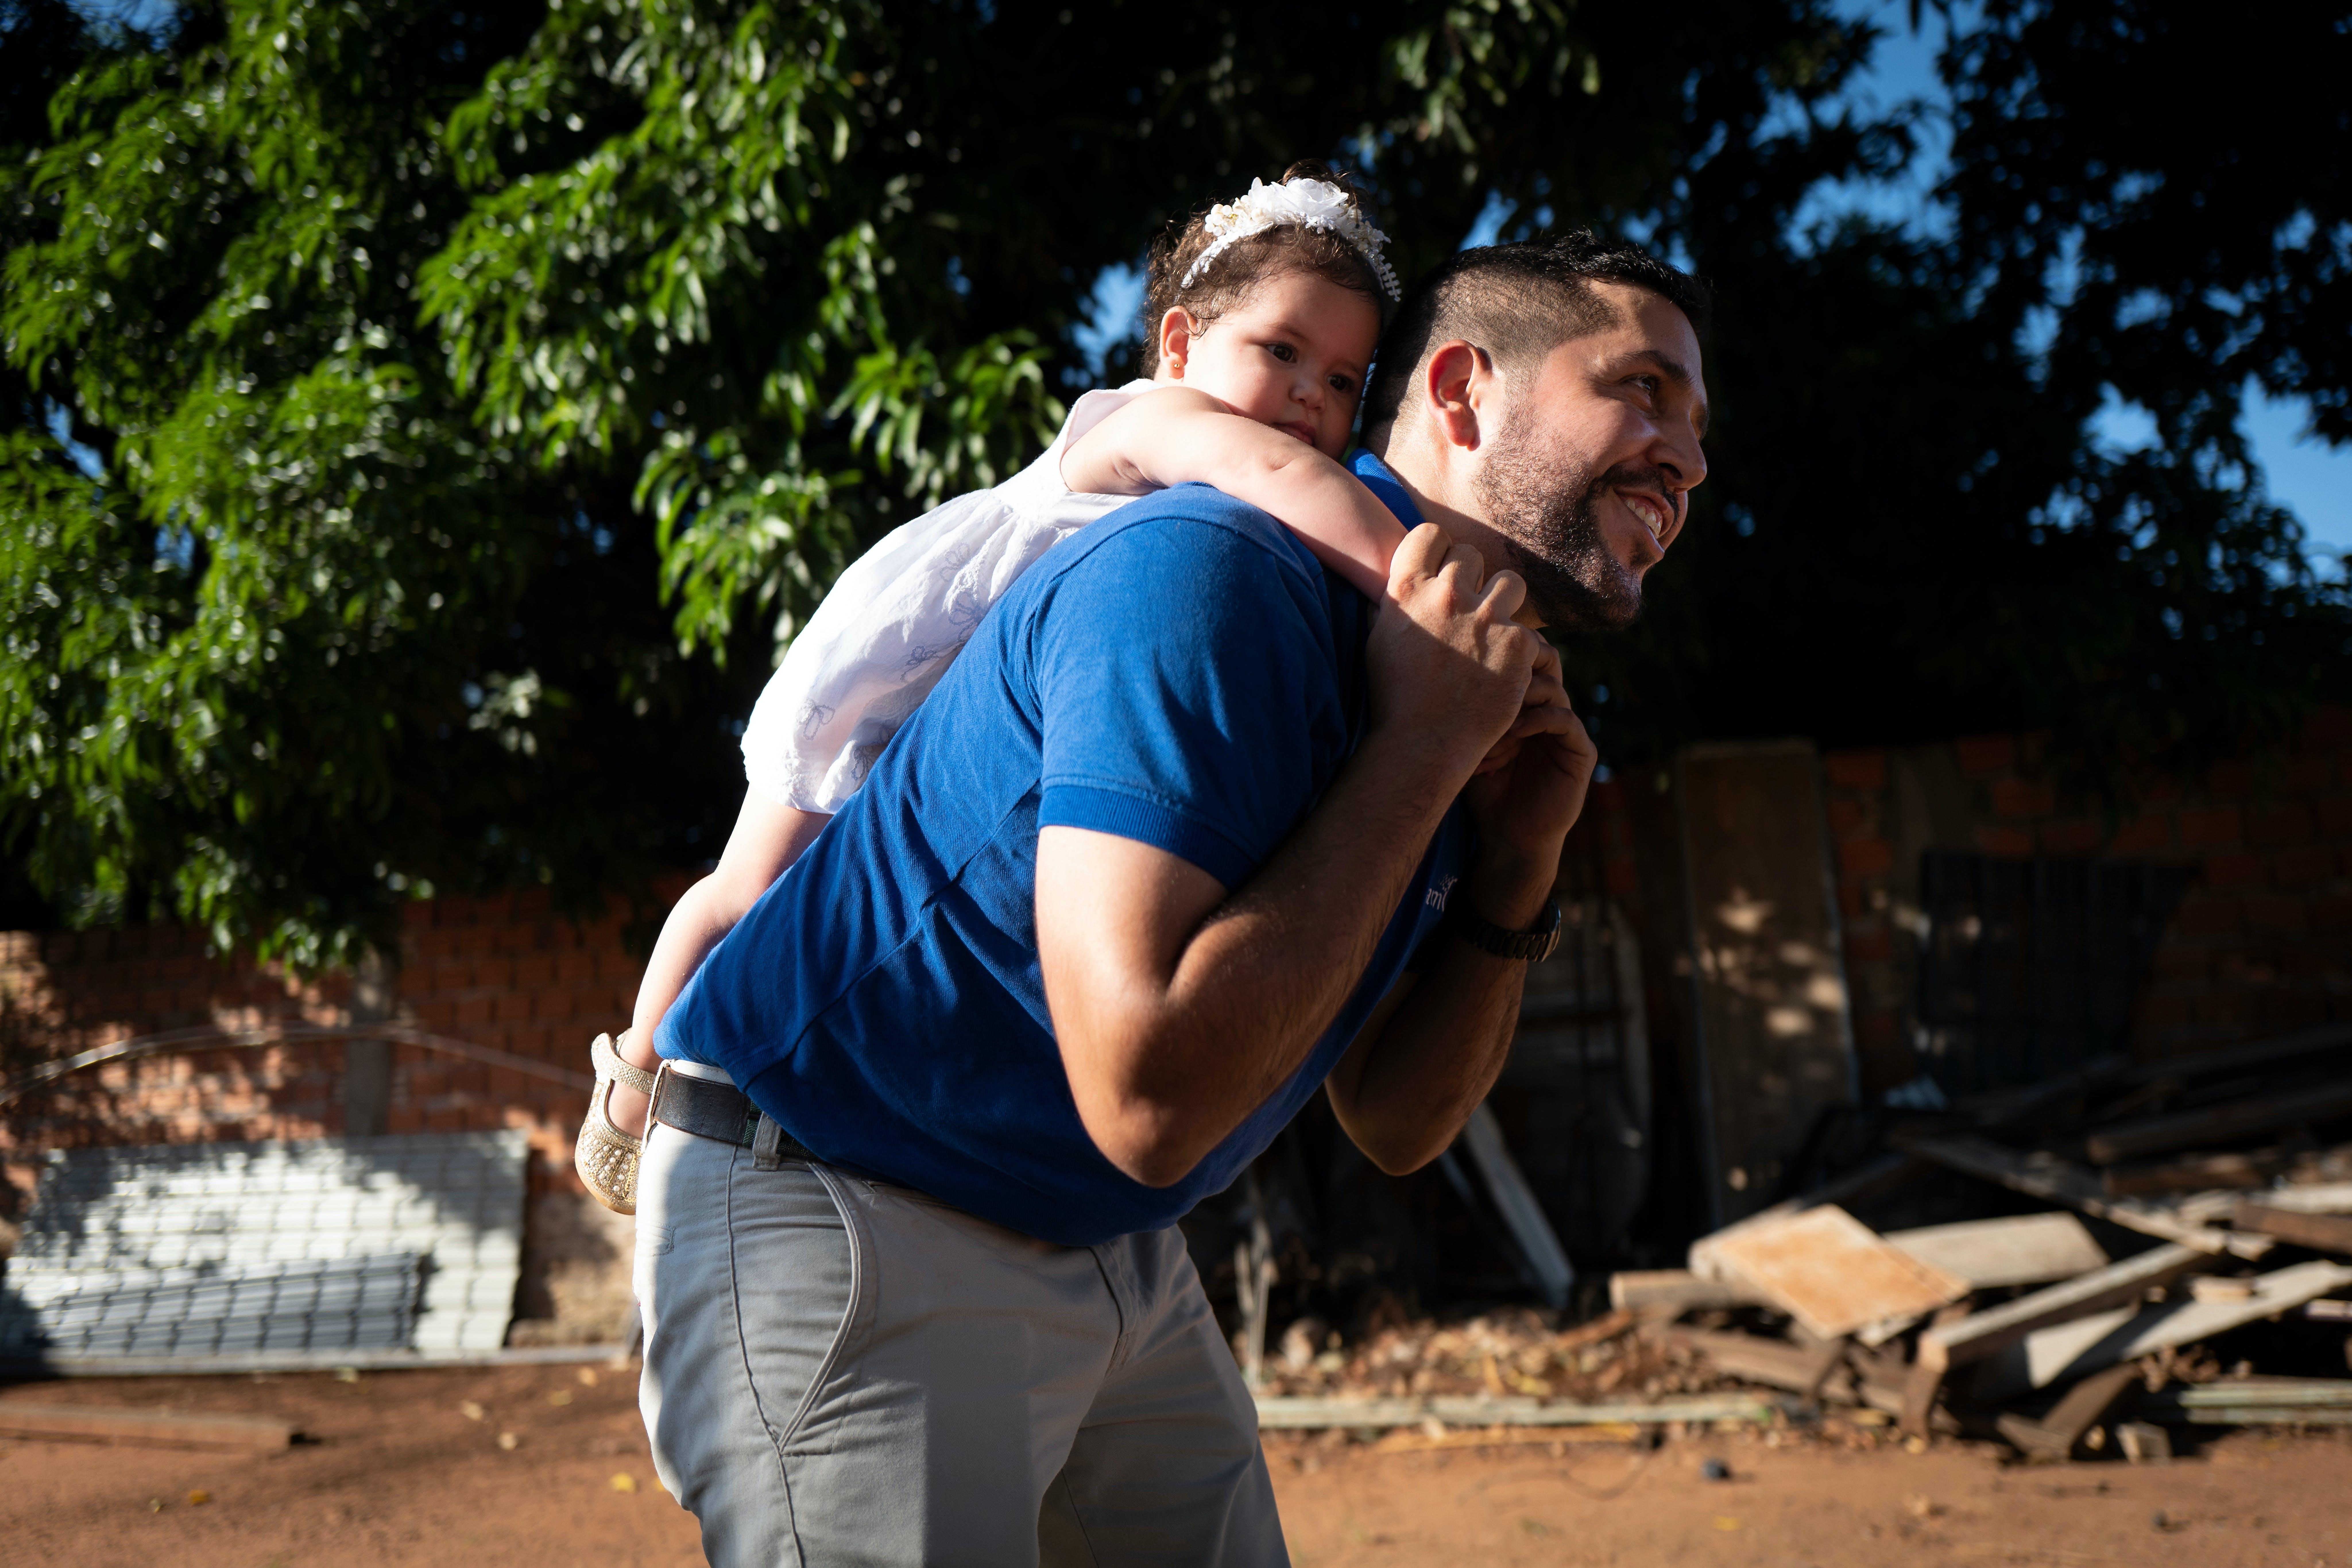 Paula, 14 mesi, gioca a cavalluccio con suo padre, Abdo Gonzalez, 35 anni, in un parco giochi in Paraguay